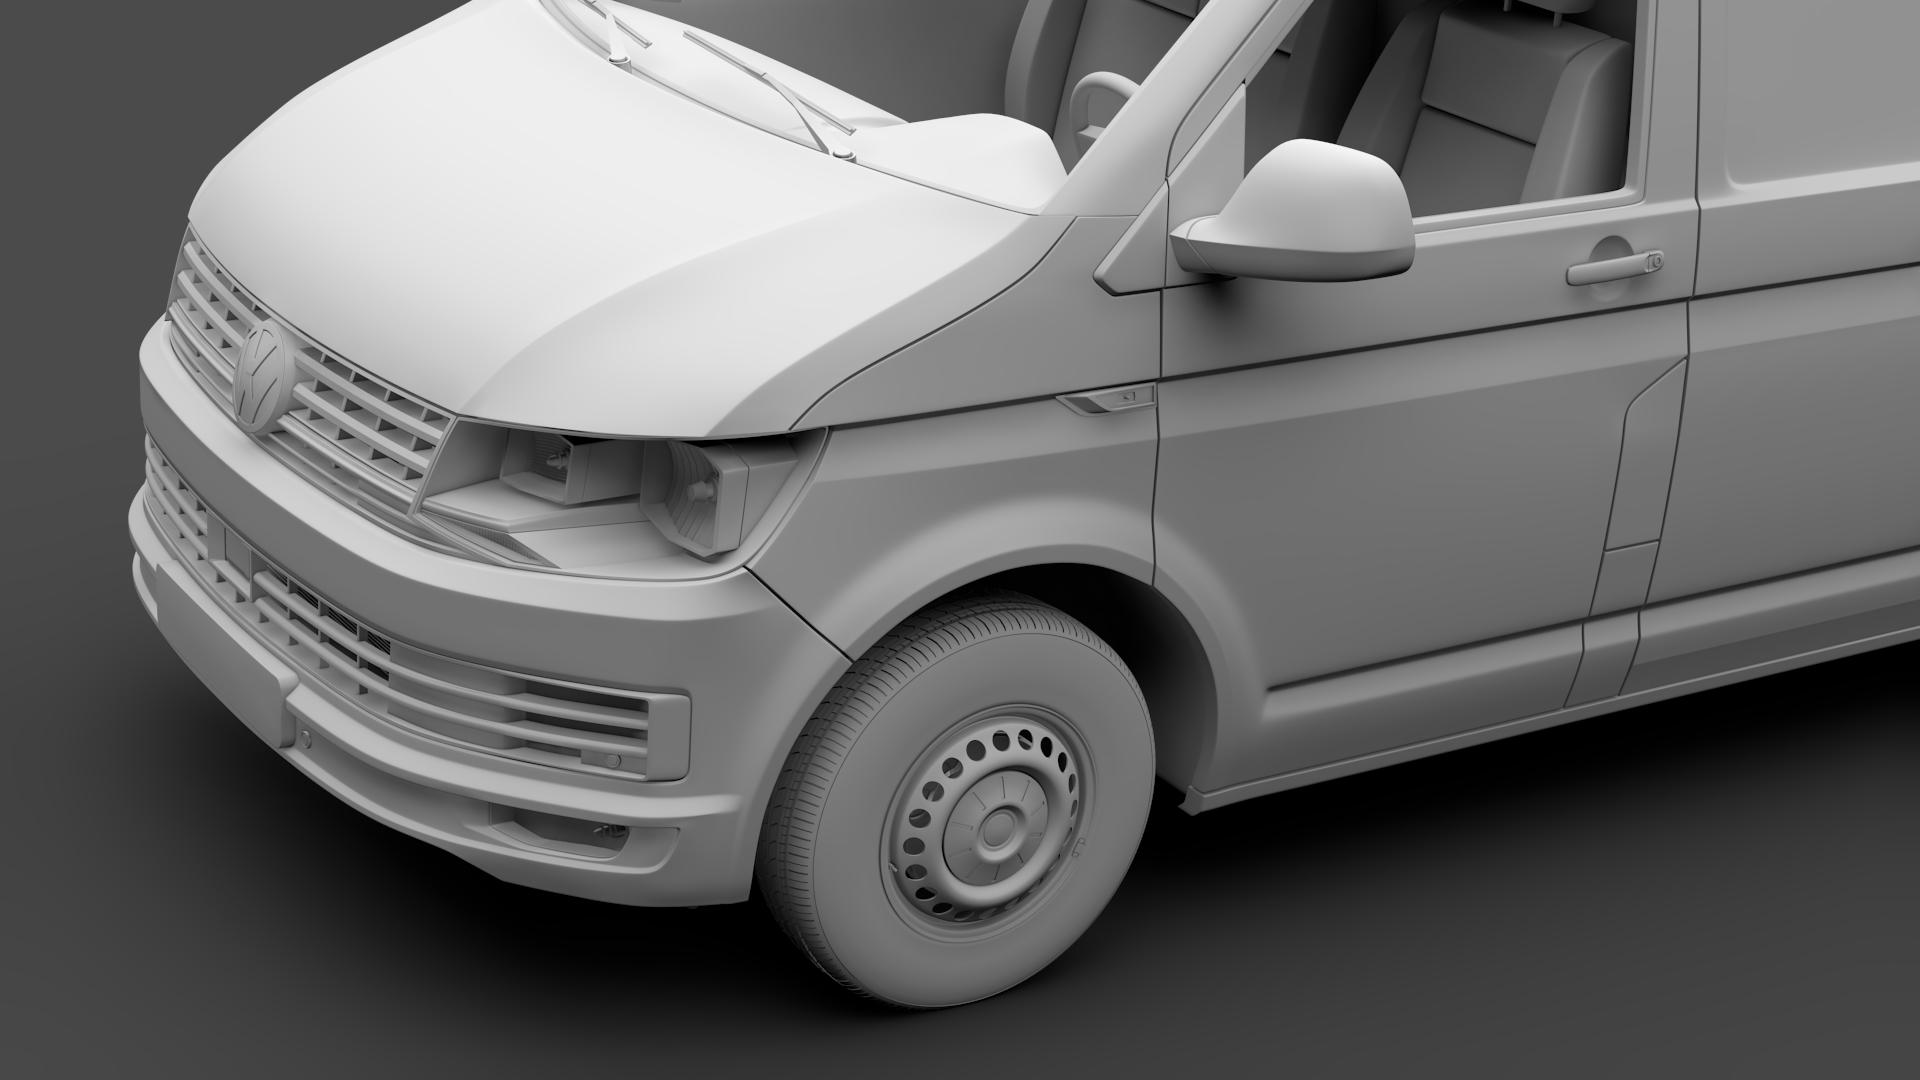 volkswagen transporter van l2h3 t6 2017 3d model max fbx c4d lwo ma mb hrc xsi obj 275302